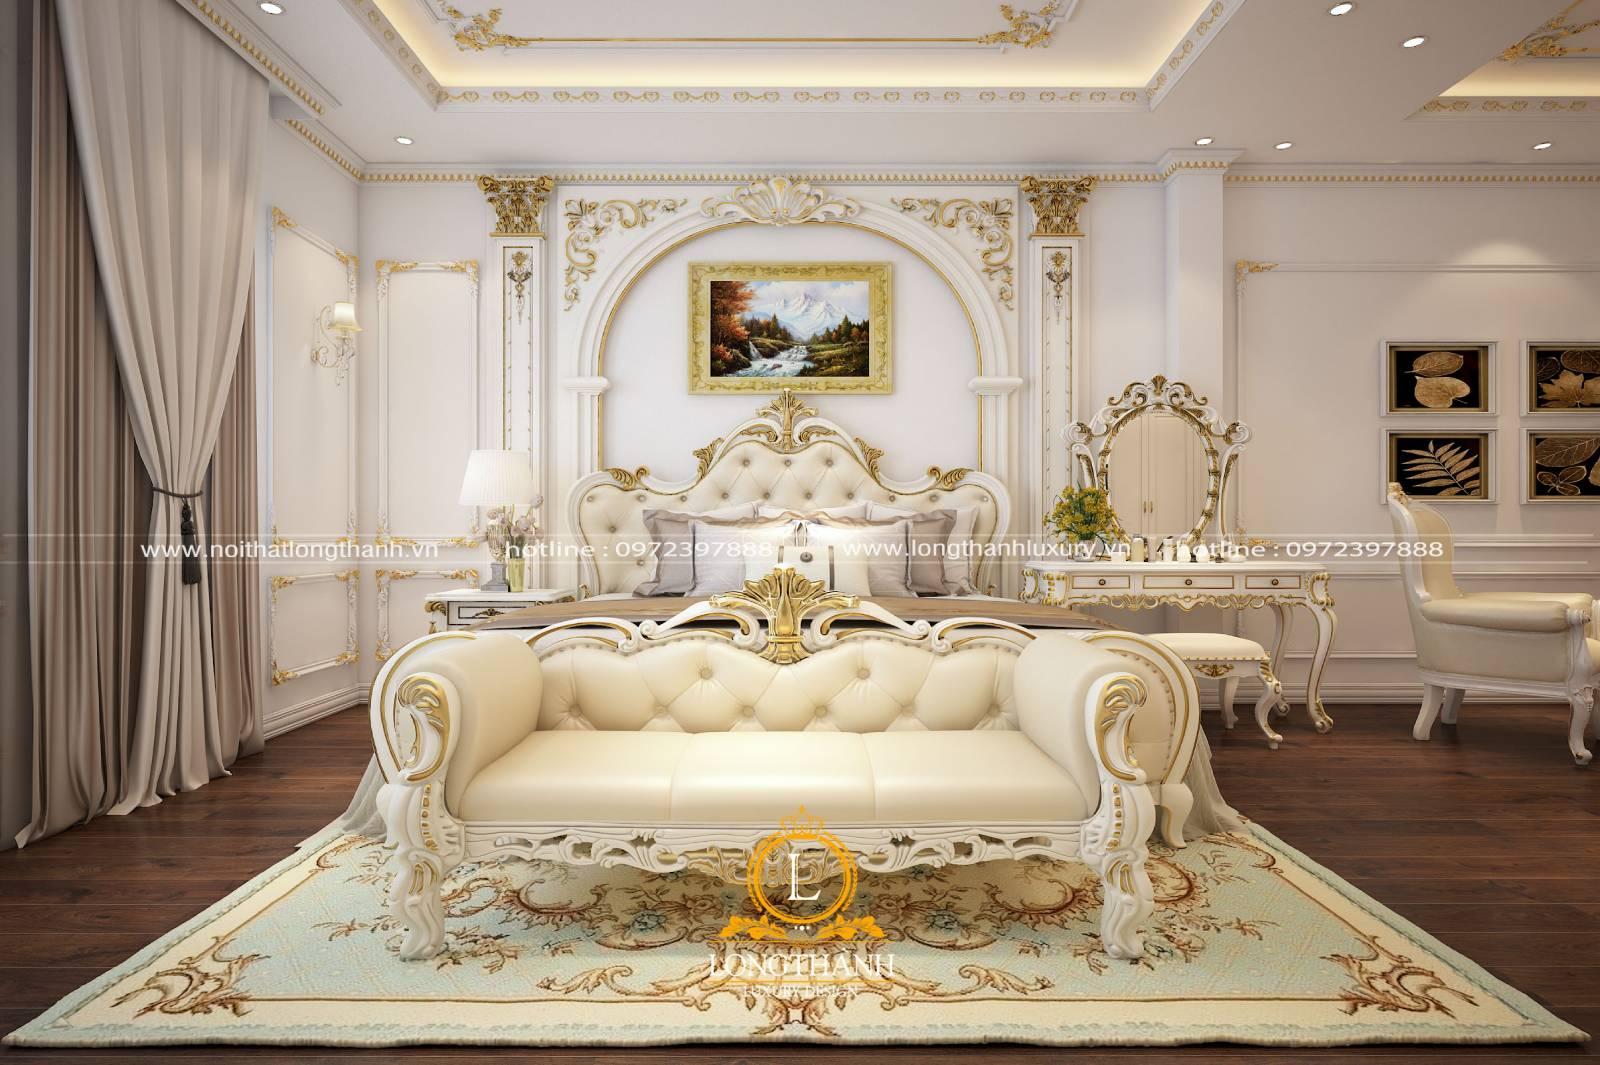 Sang trọng cùng mẫu sofa phòng ngủ tông màu trắng